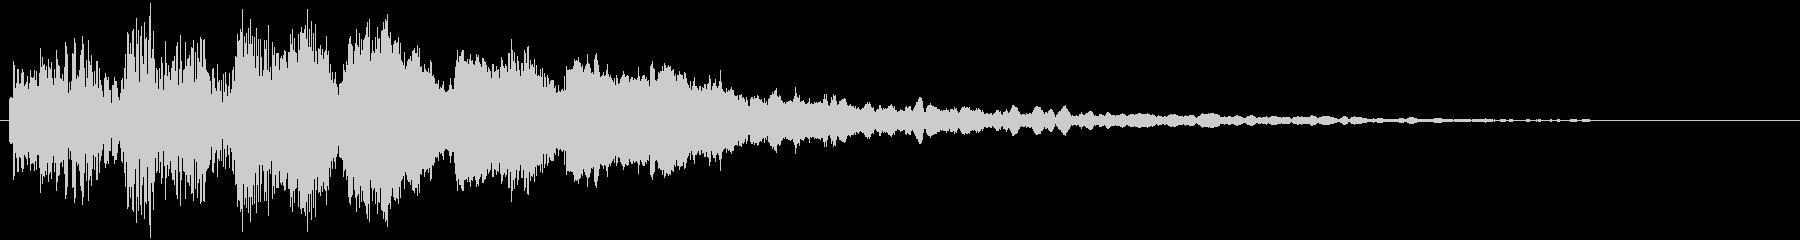 タラランタララン↑ 駆け上がり音1の未再生の波形